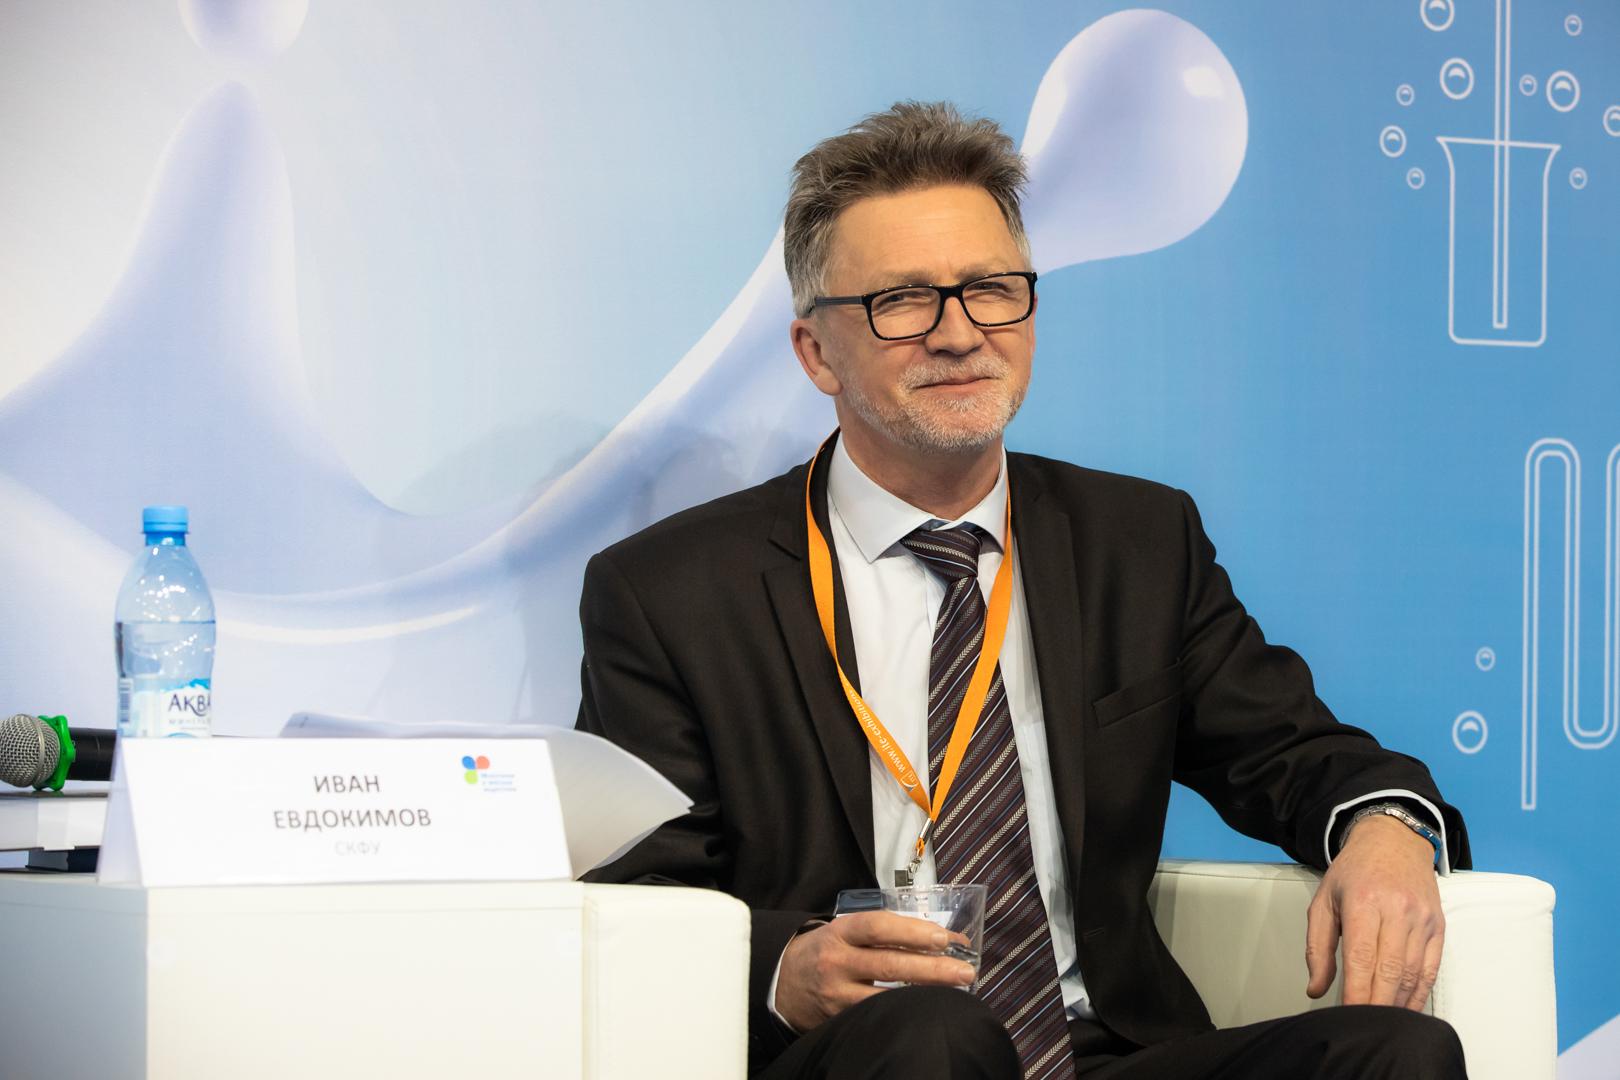 Интервью с Иваном Евдокимовым: о Конференции по решениям в области мембранных методов на DairyTech 2020